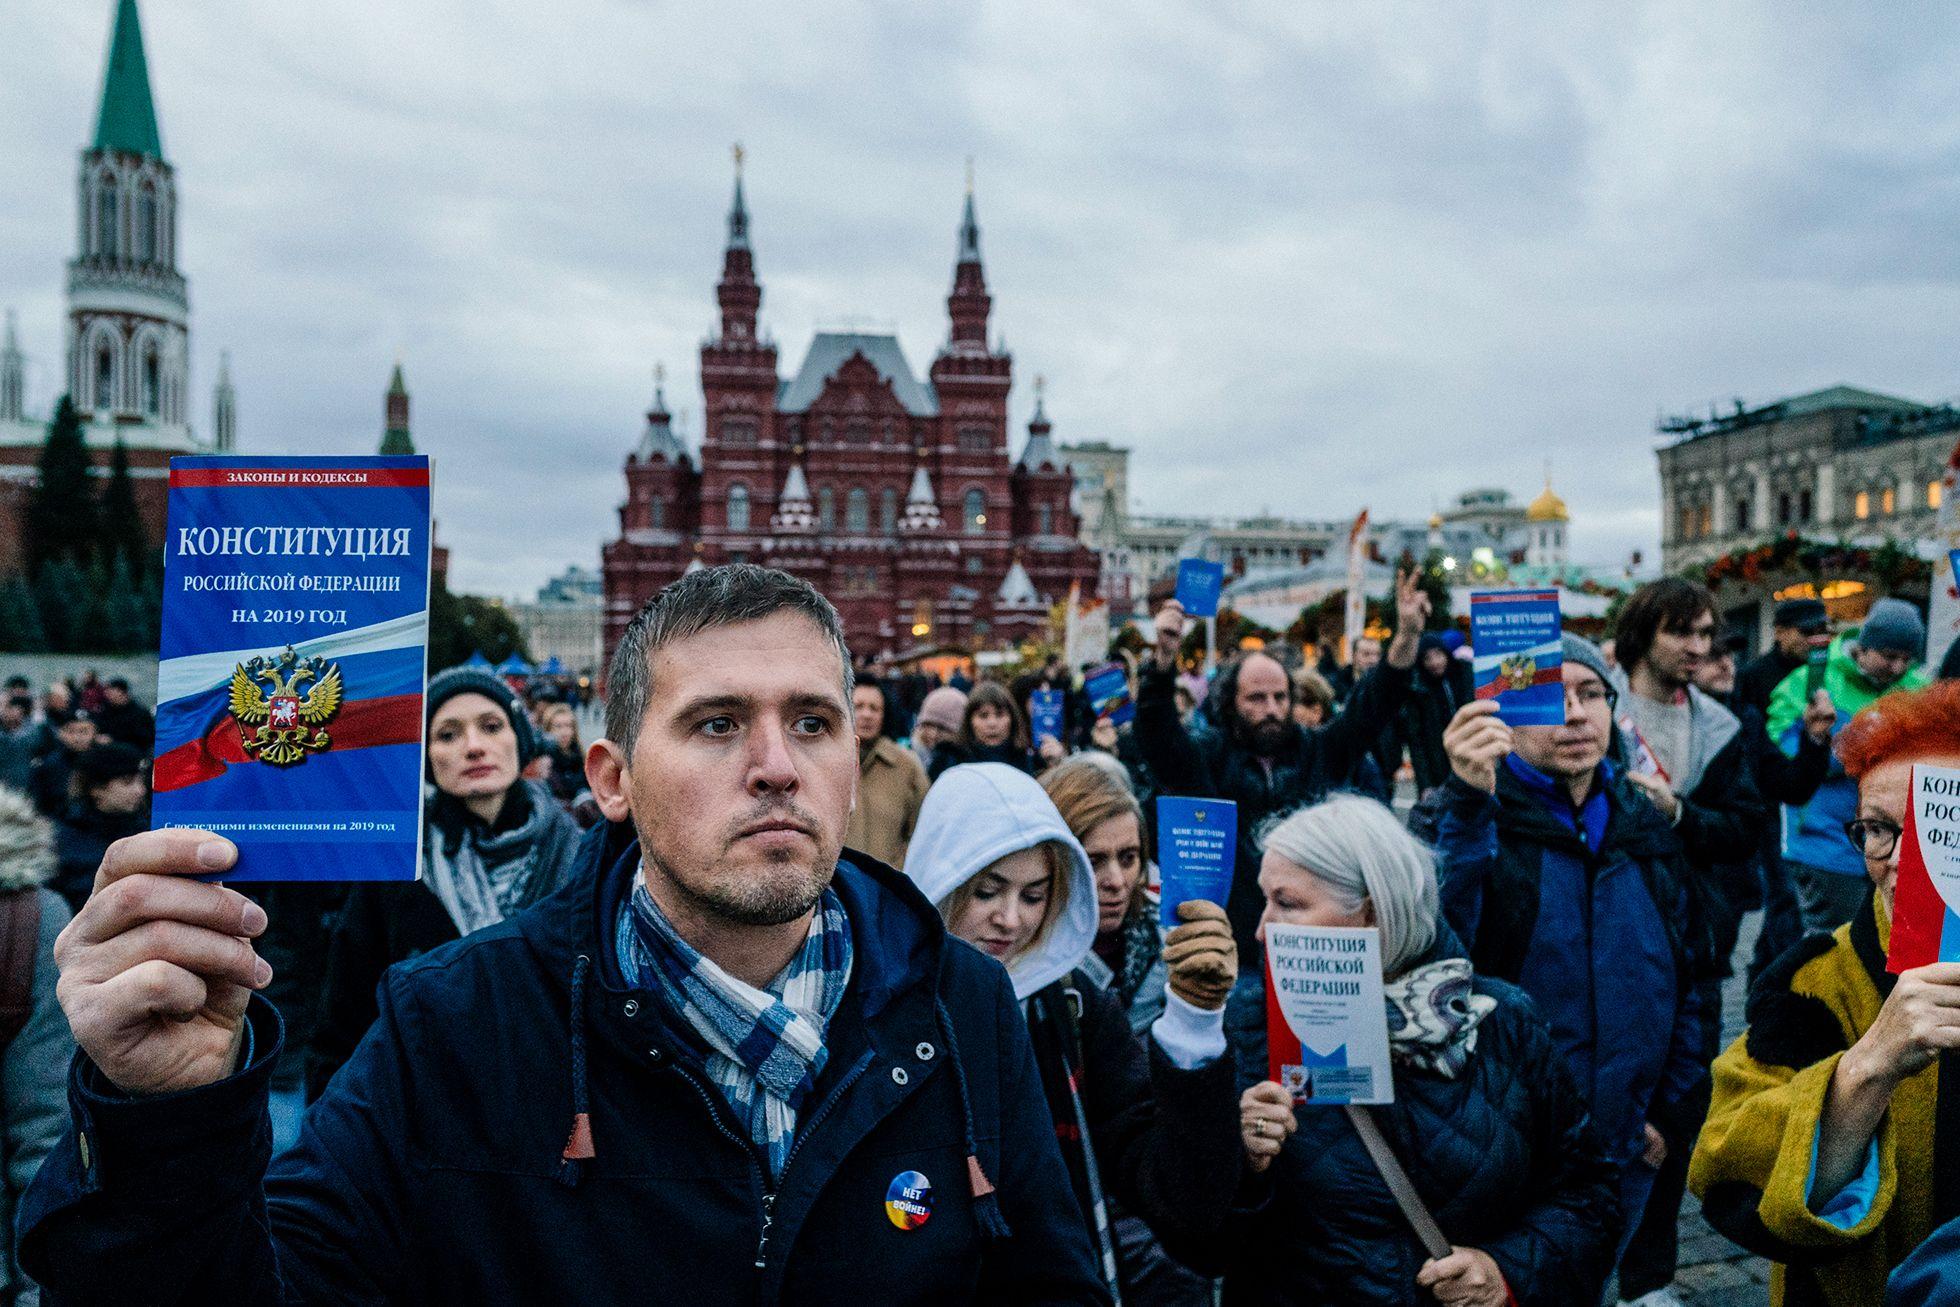 сжимает правда россии в фото знаки интернет-магазине